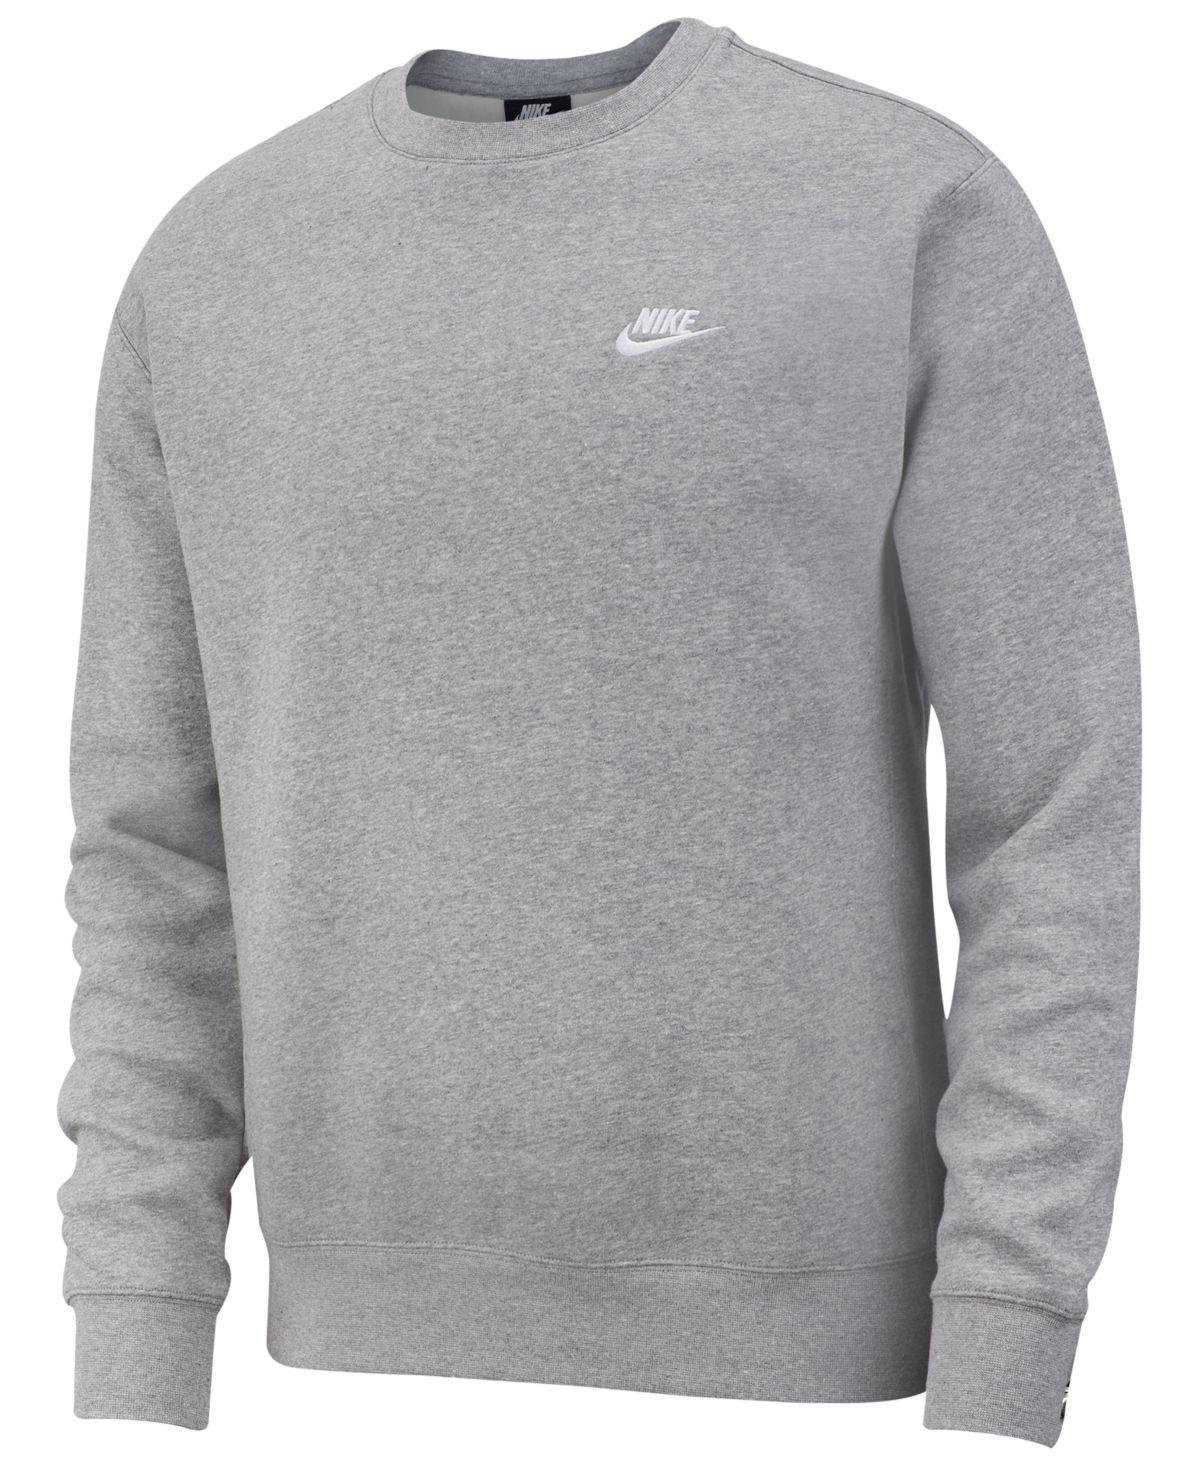 Nike Men S Club Fleece Crew Sweatshirt Reviews All Activewear Men Macy S In 2021 Nike Men Grey Sweatshirt Mens Nike Sweatshirts [ 1467 x 1200 Pixel ]